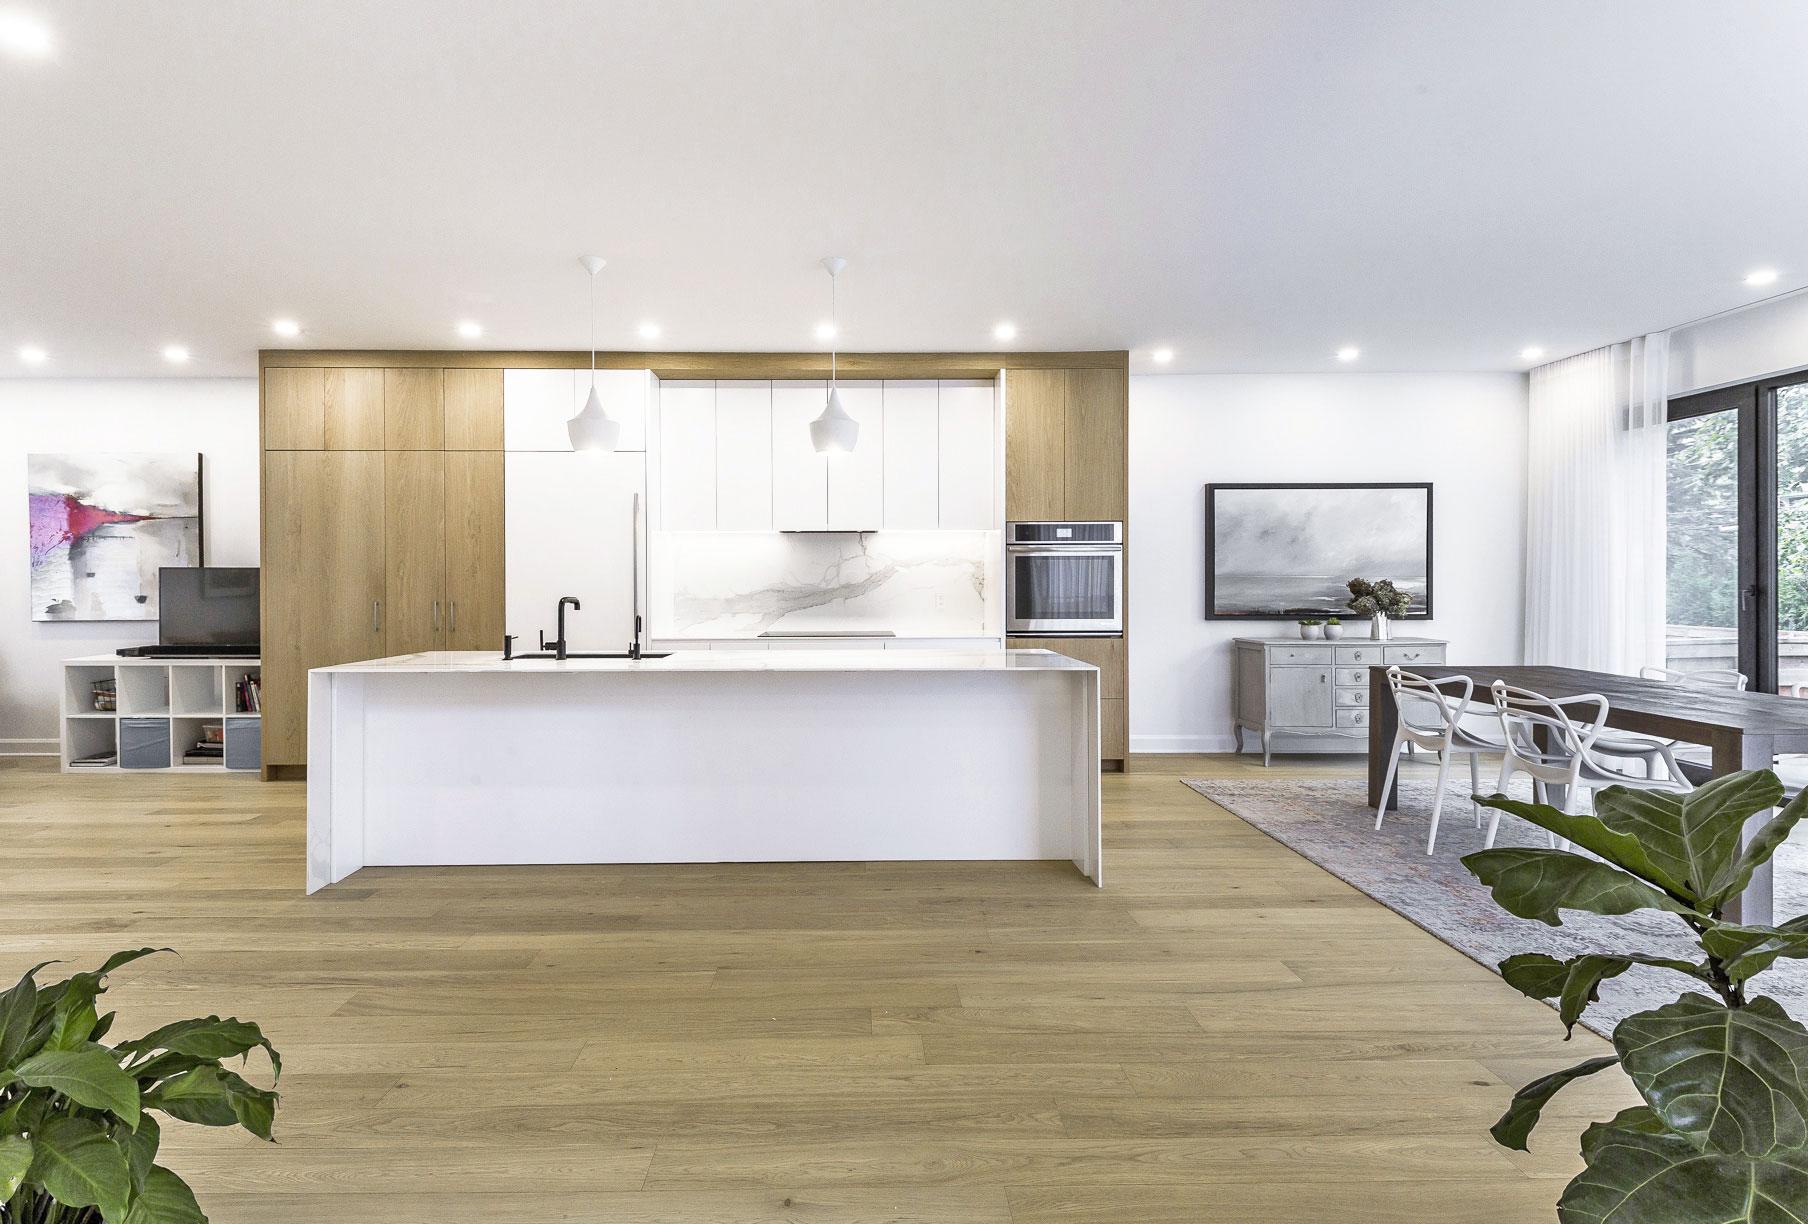 Cuisine et ilot thermoplastique blanc satiné et panneaux de chêne blanc blanchis et comptoir de quartz